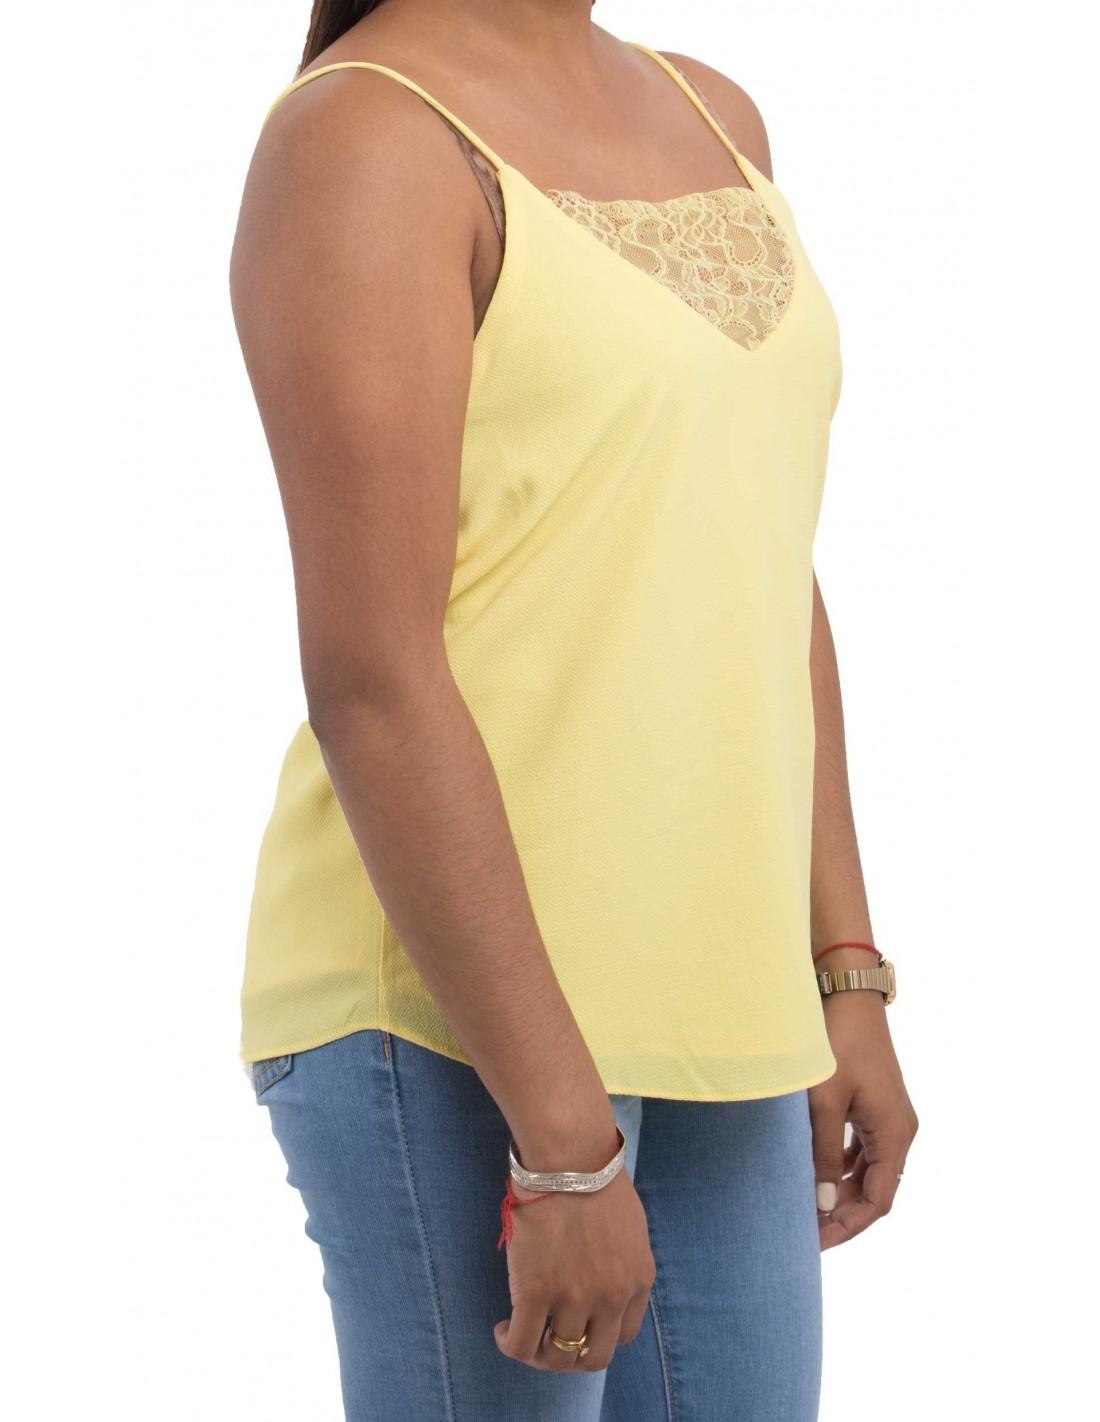 Débardeur femme jaune fluide type débardeur dentelle fines bretelles 136f32344f4